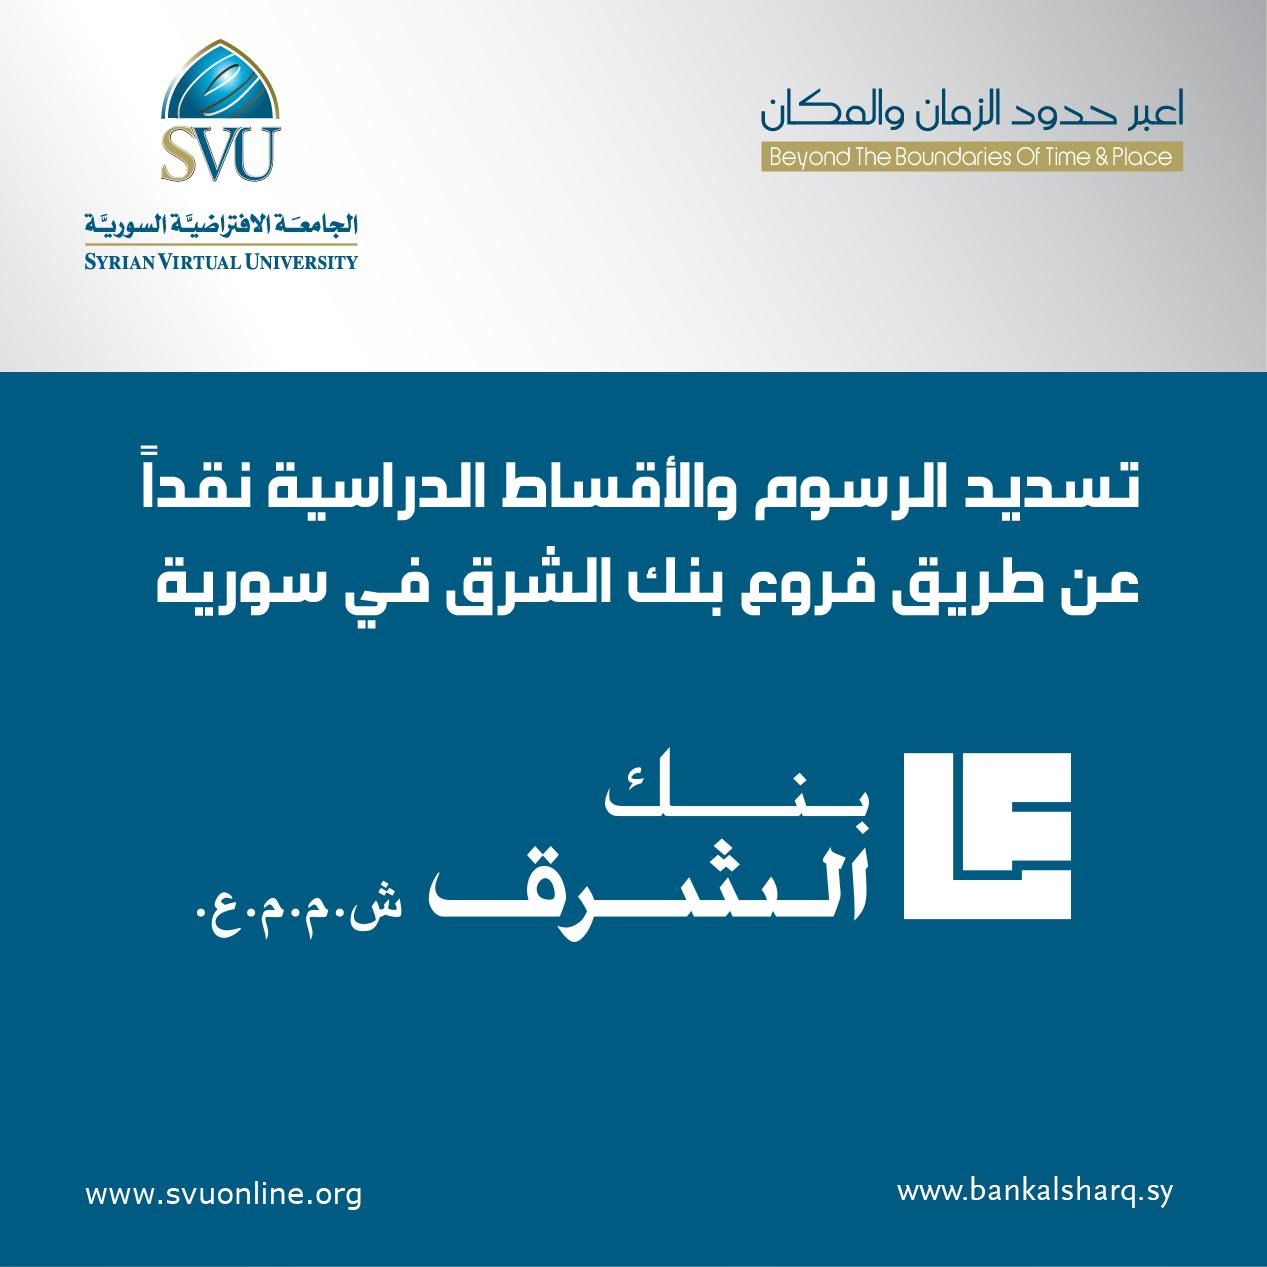 تسديد الرسوم والأقساط الدراسية نقدا عن طريق فروع بنك الشرق في سورية Svu